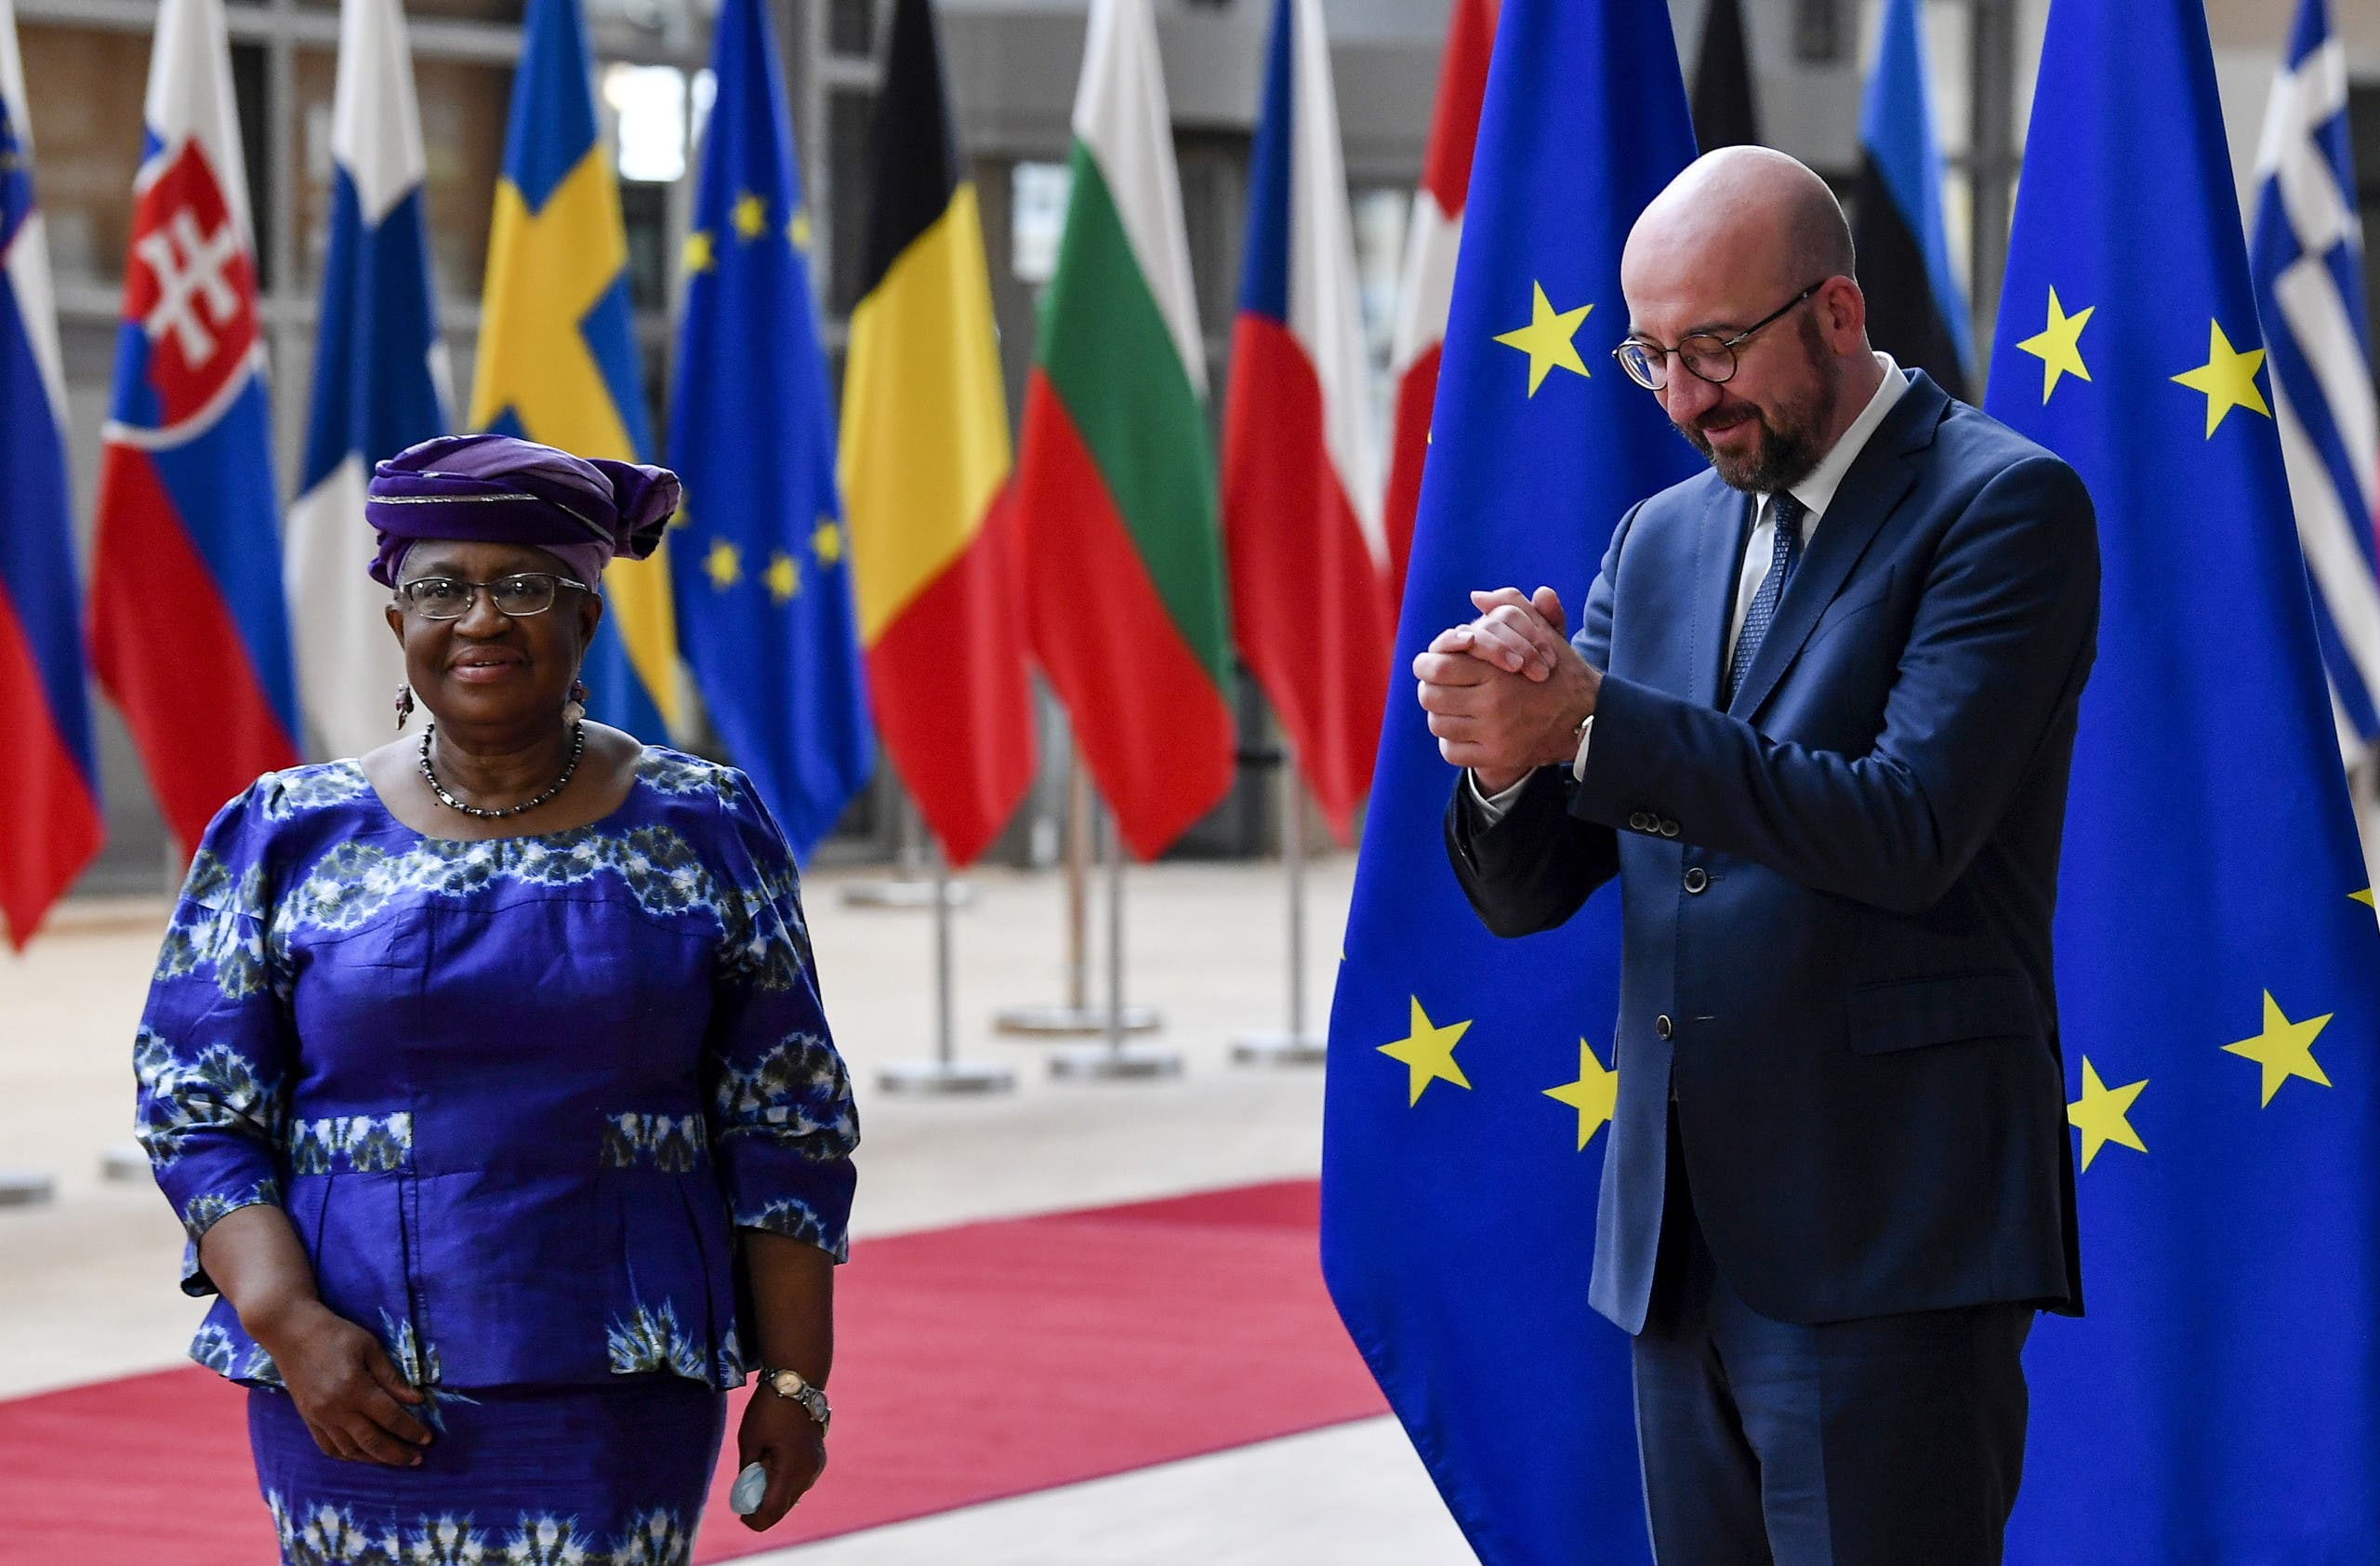 مع رئيس المجلس الأوروبي تشارلز ميشيل (رويترز)